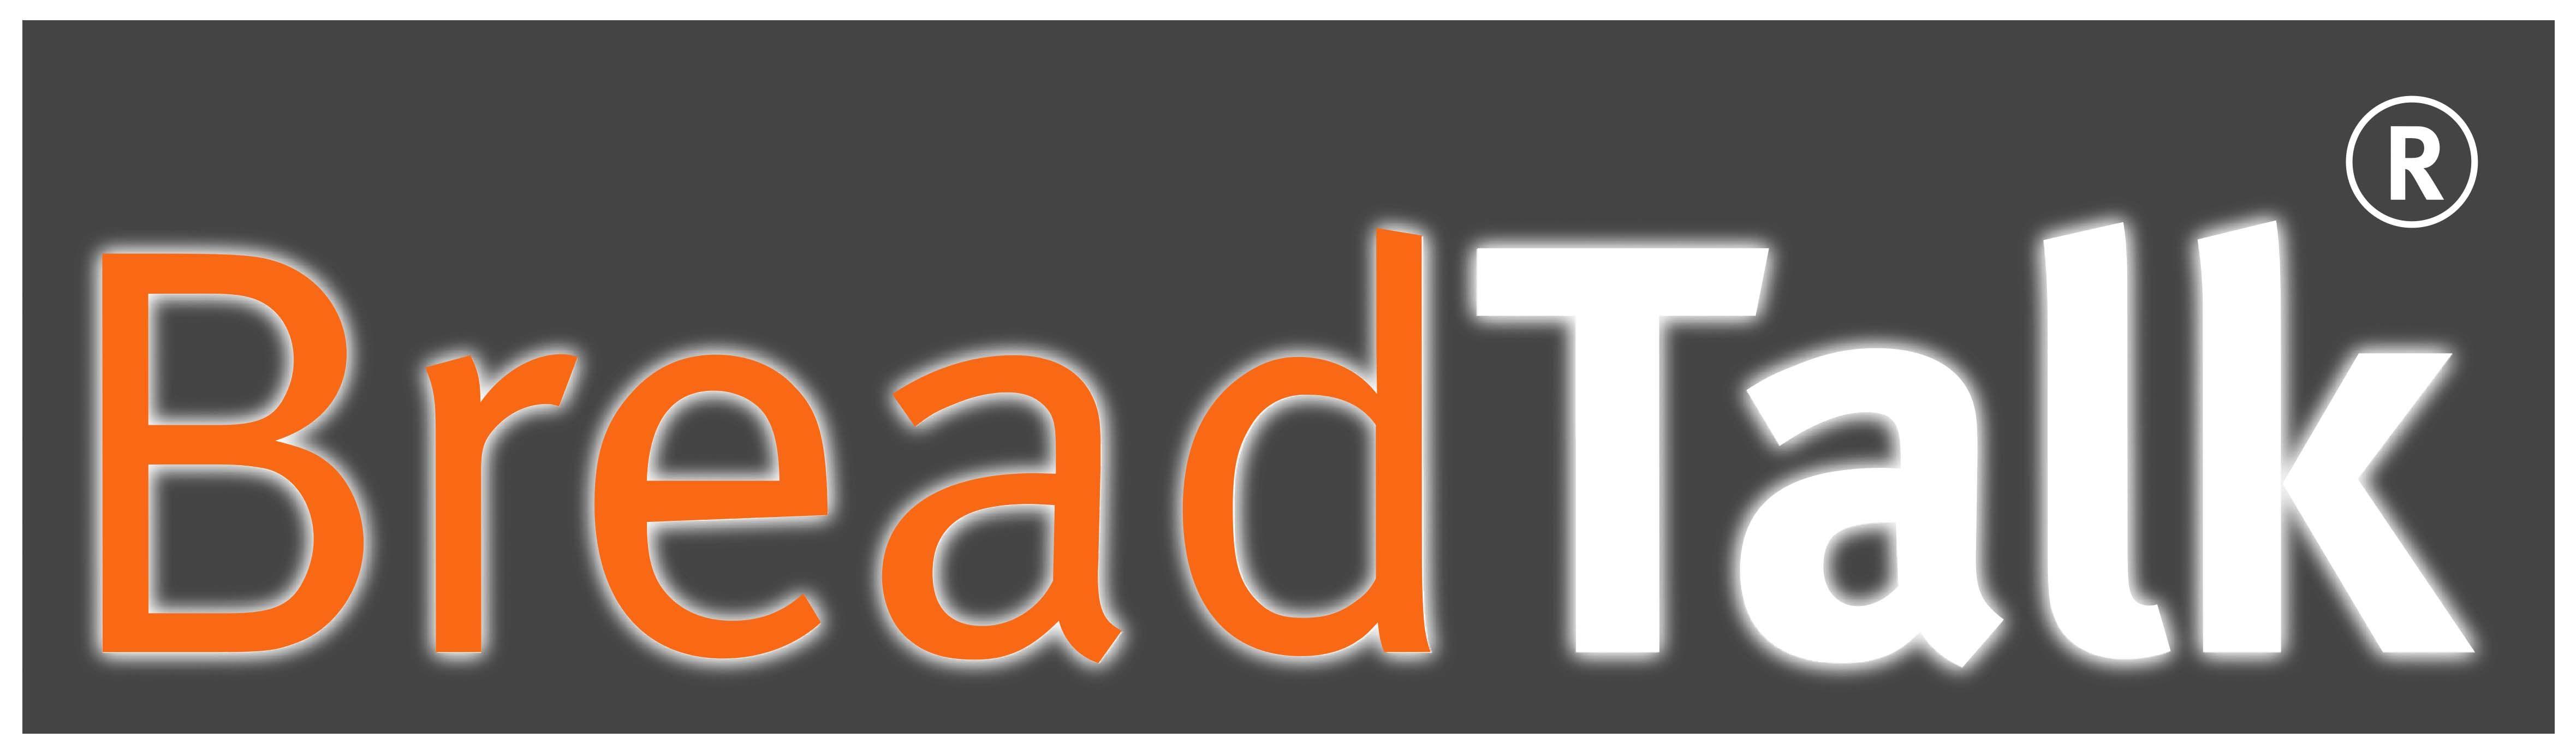 Breadtalk Title Sponsor Crowbar Marketing Challenge